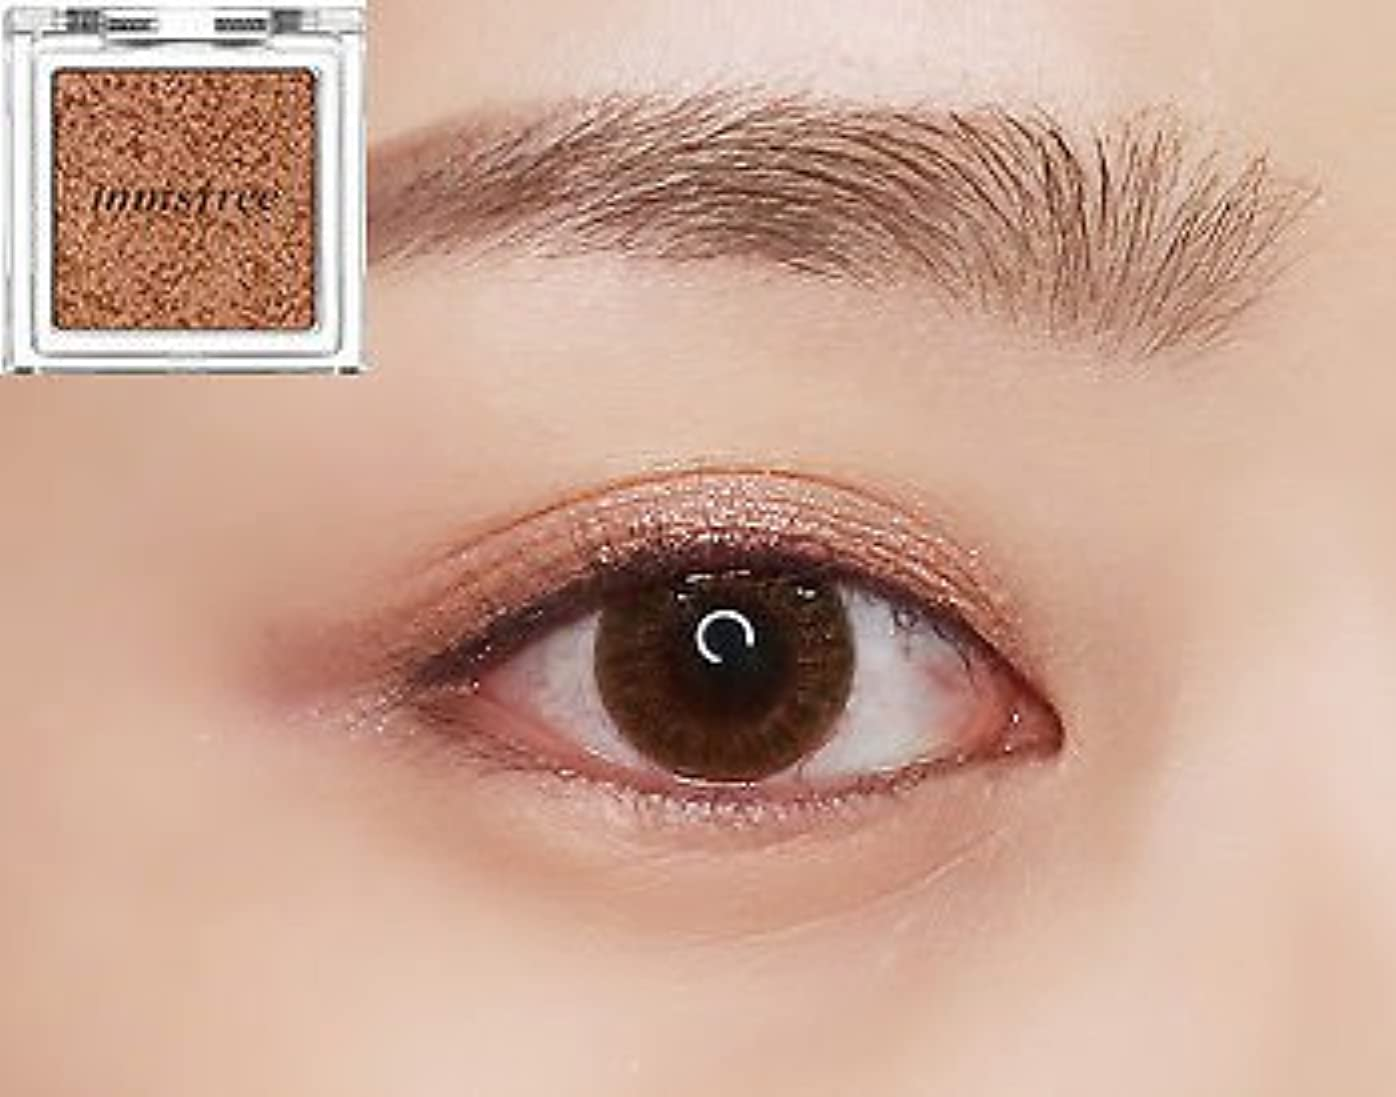 [イニスフリー] innisfree [マイ パレット マイ アイシャドウ (グリッタ一) 25カラー] MY PALETTE My Eyeshadow (Glitter) 25 Shades [海外直送品] (グリッタ...